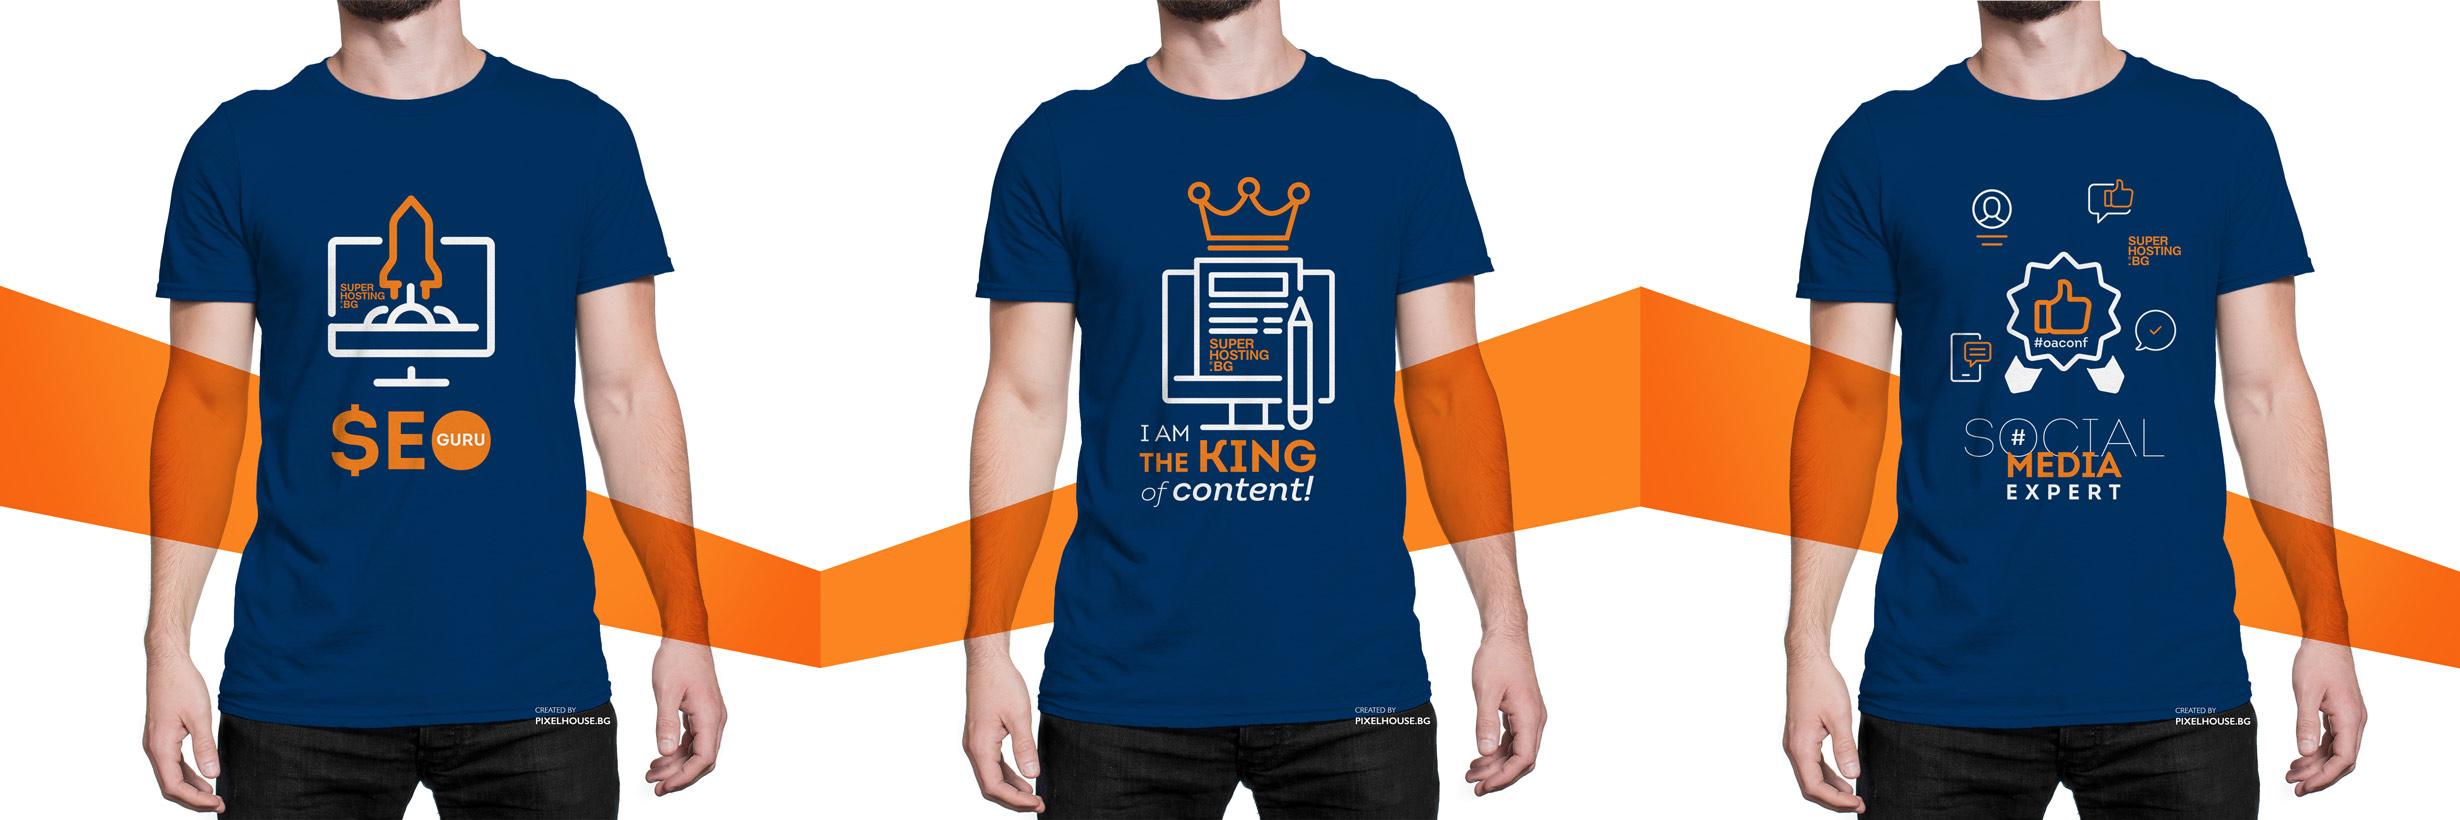 Shirt design images 2017 - Superhosting T Shirts Design